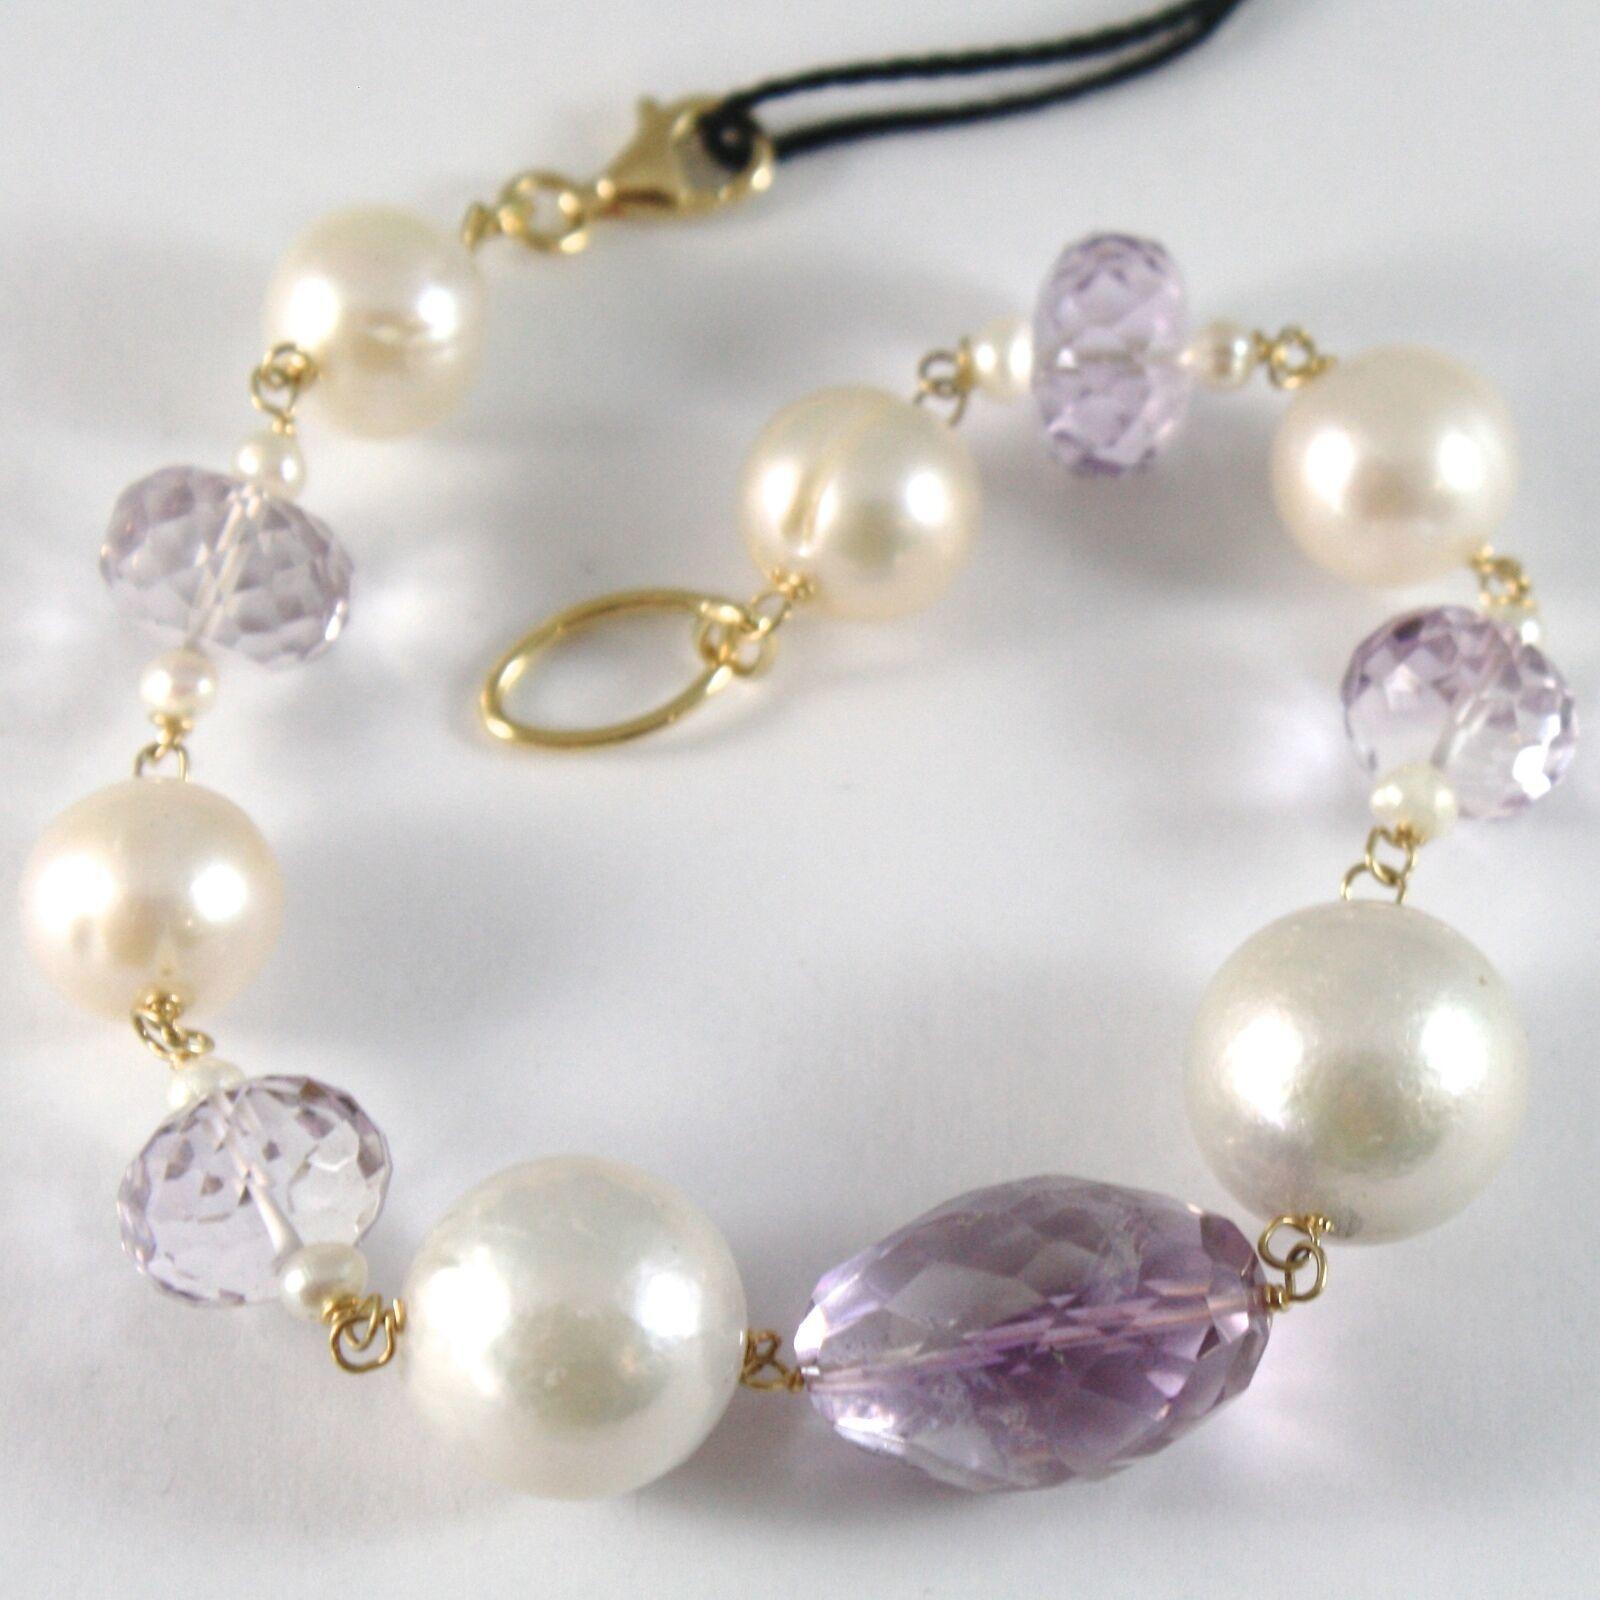 Armband Gelbgold 750 18K, Groß Perlen Weiß 14 mm, Amethyst Violet